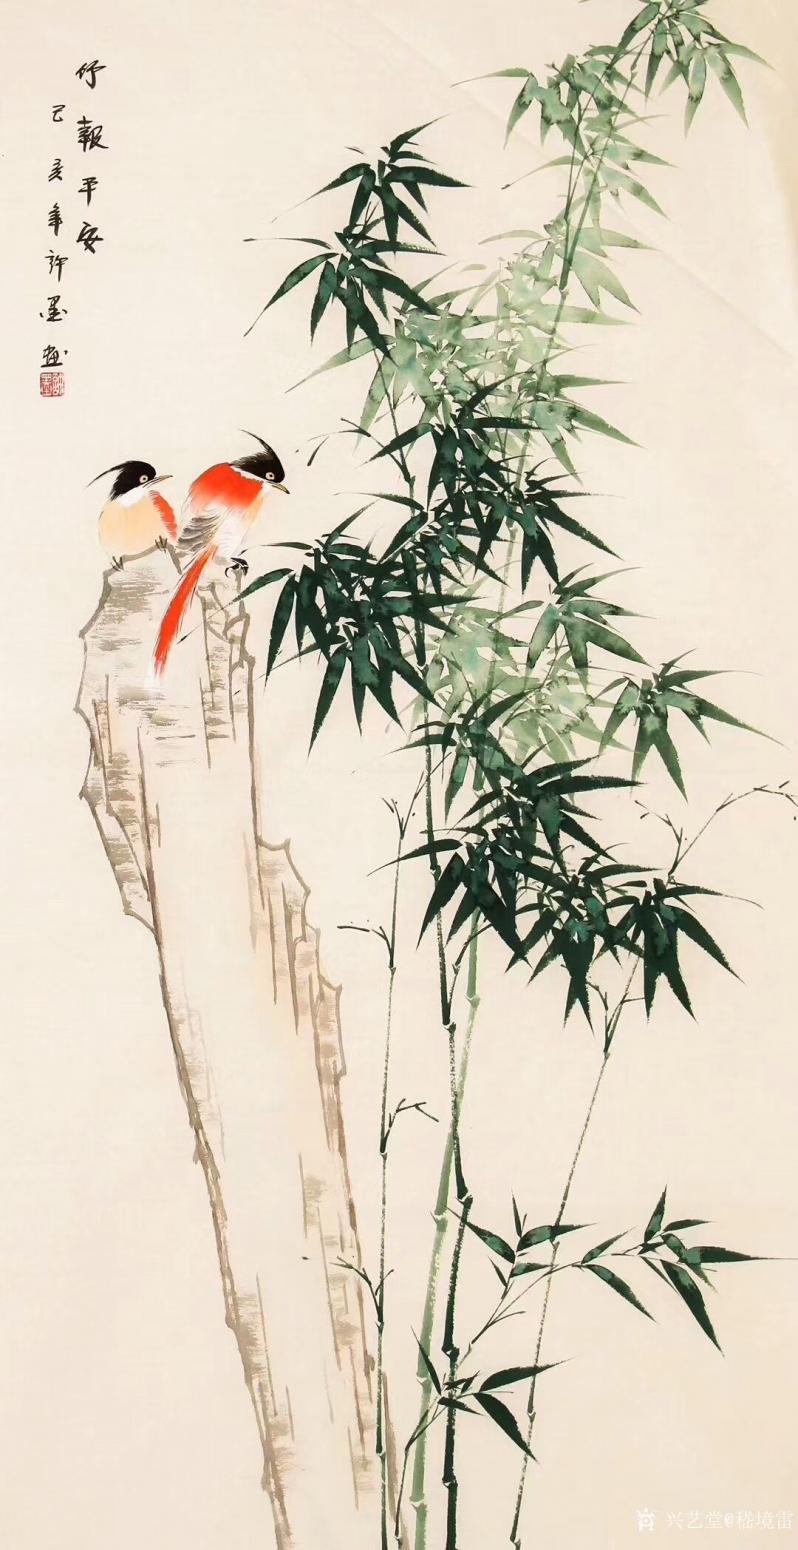 嵇境雷国画作品《竹报平安-作者许墨》